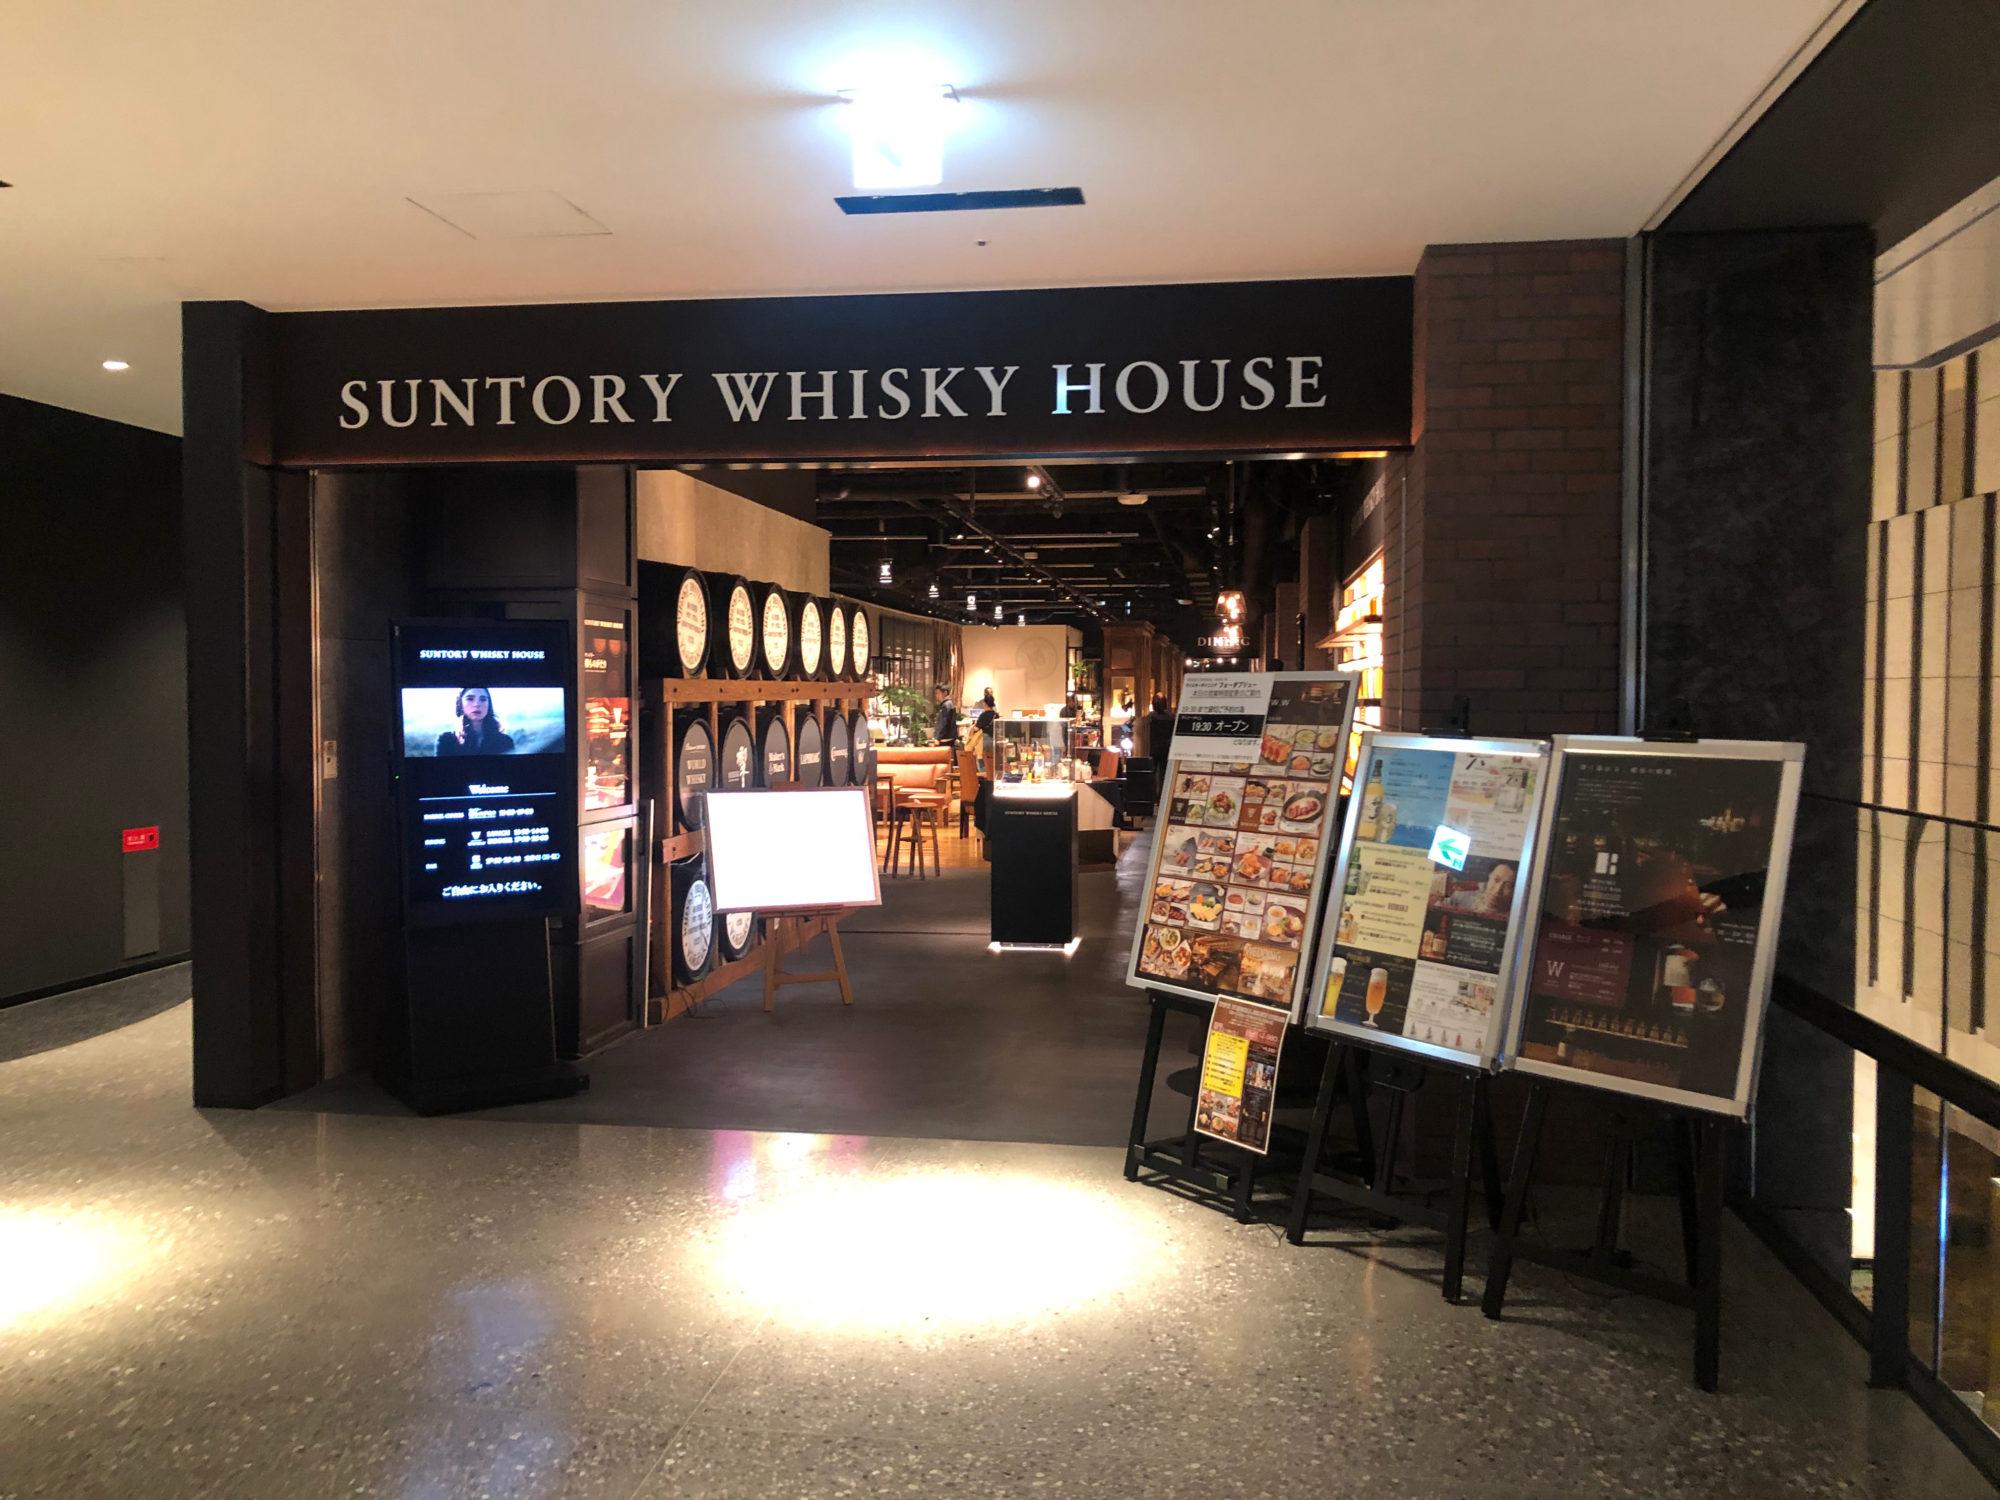 Whisky Dining WWW.W(フォーダブリュー)でウィスキーと料理を楽しむ〜大阪梅田 グランフロントナレッジキャピタル